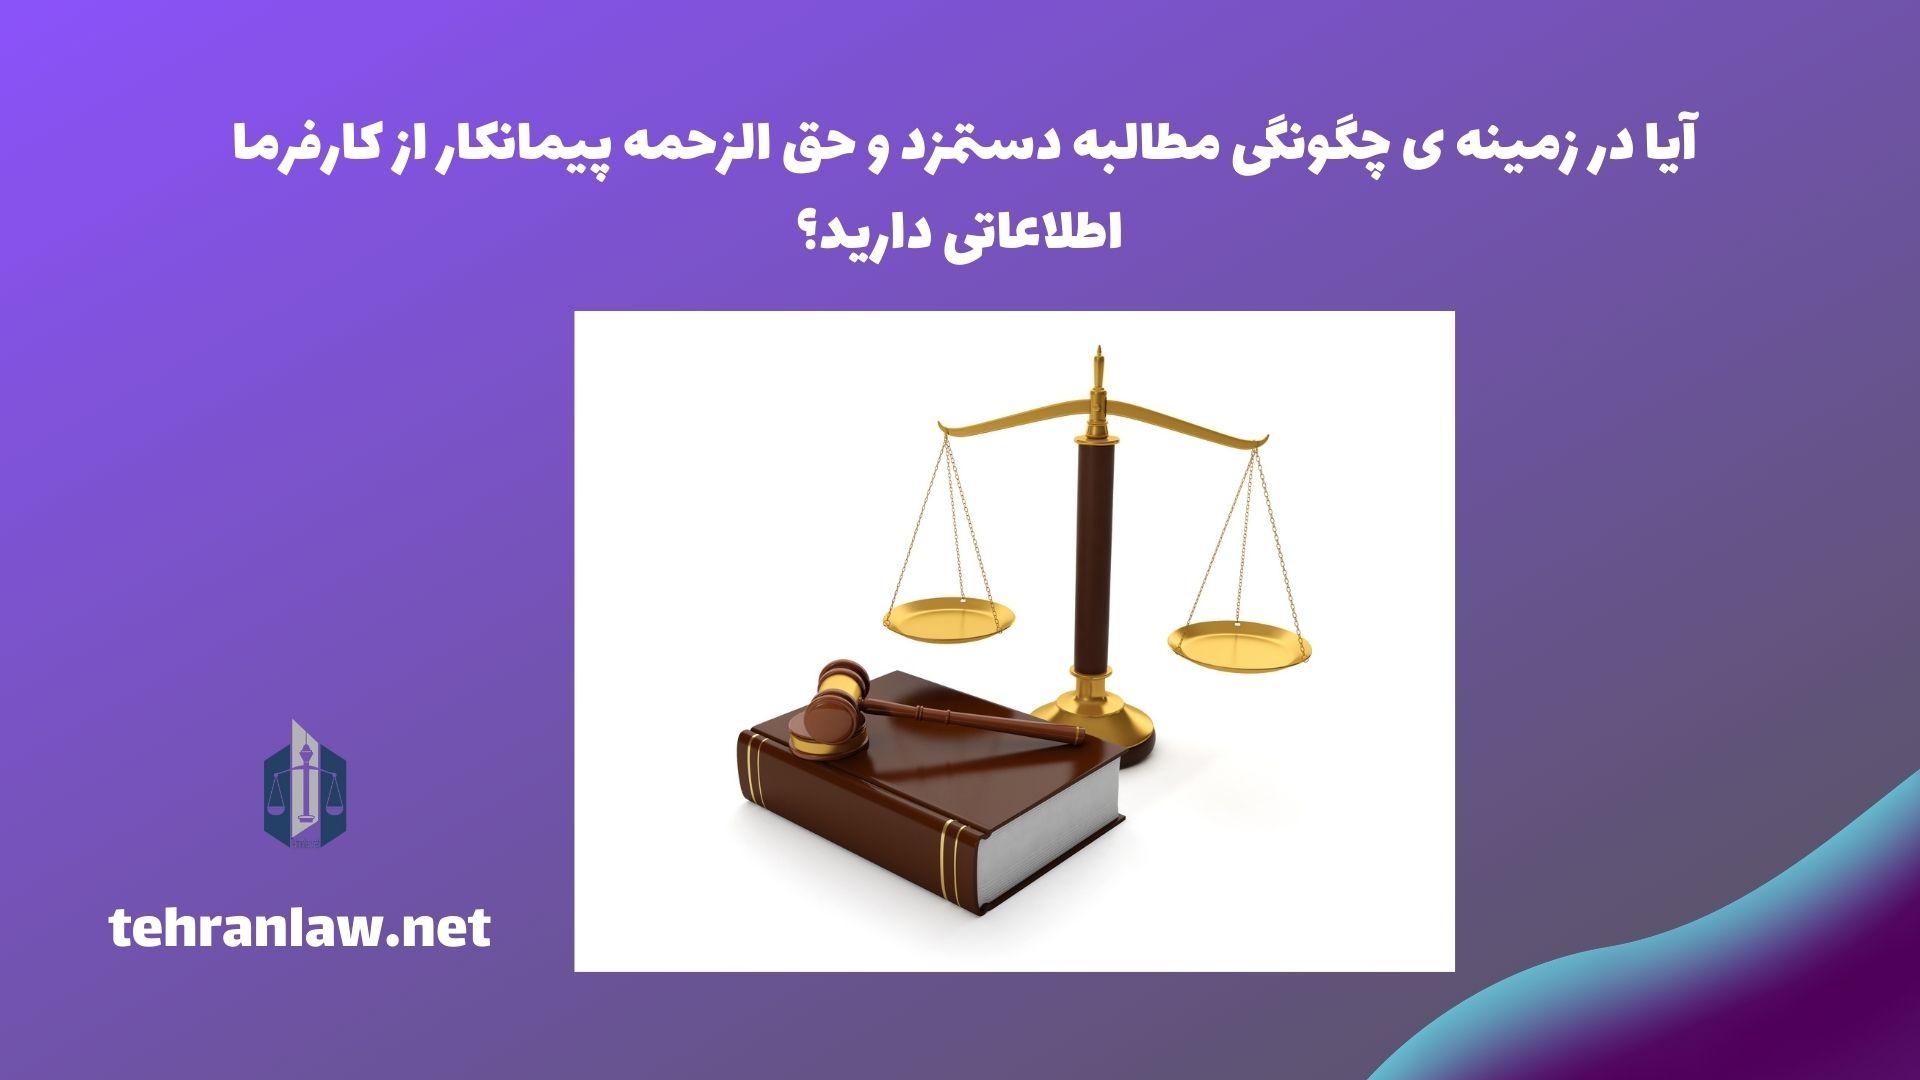 آیا در زمینه ی چگونگی مطالبه دستمزد و حق الزحمه پیمانکار از کارفرما اطلاعاتی دارید؟